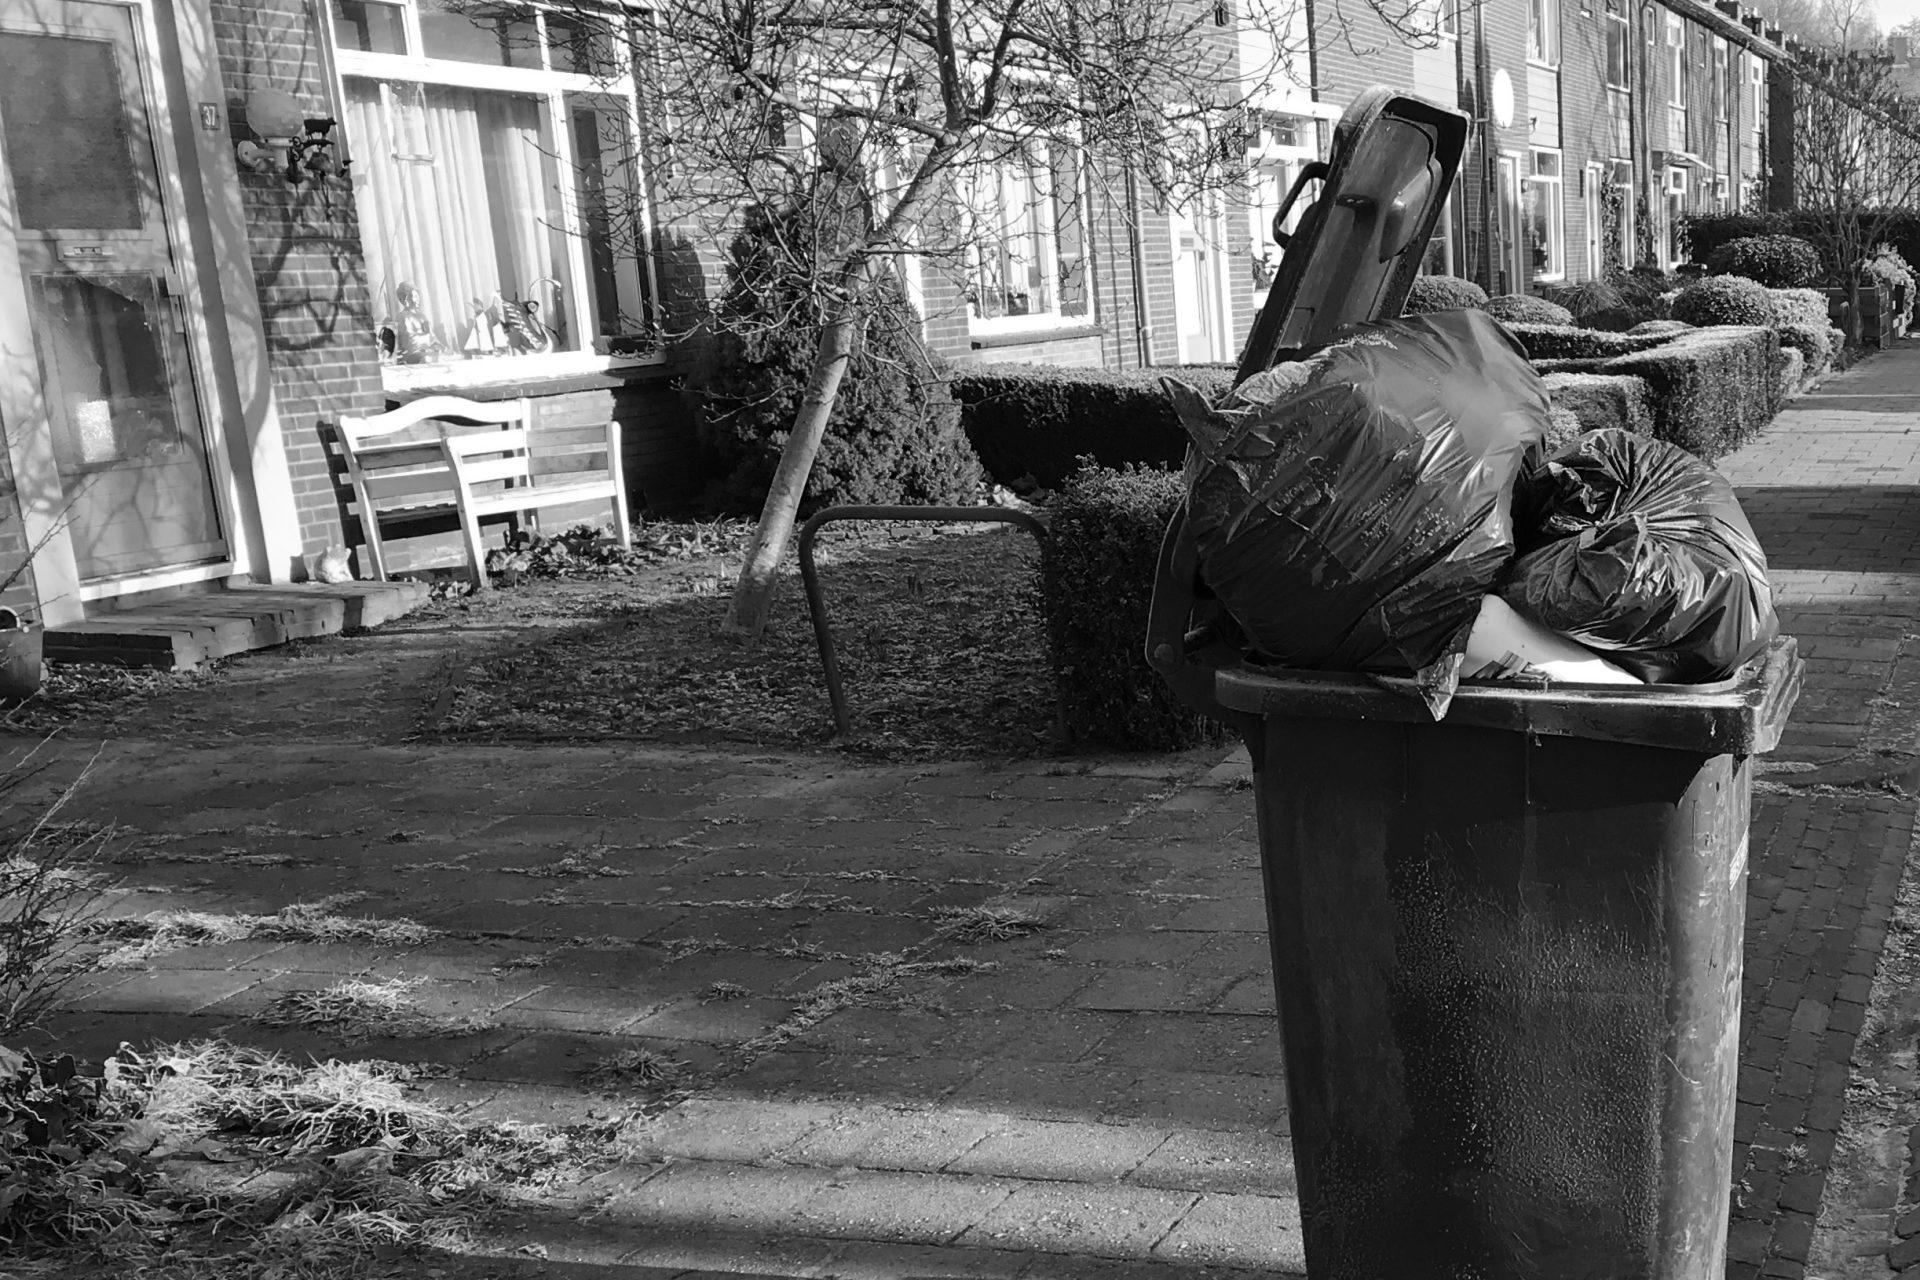 Lokaal Betrokken tegen verhoging afvalstoffenheffing 2020